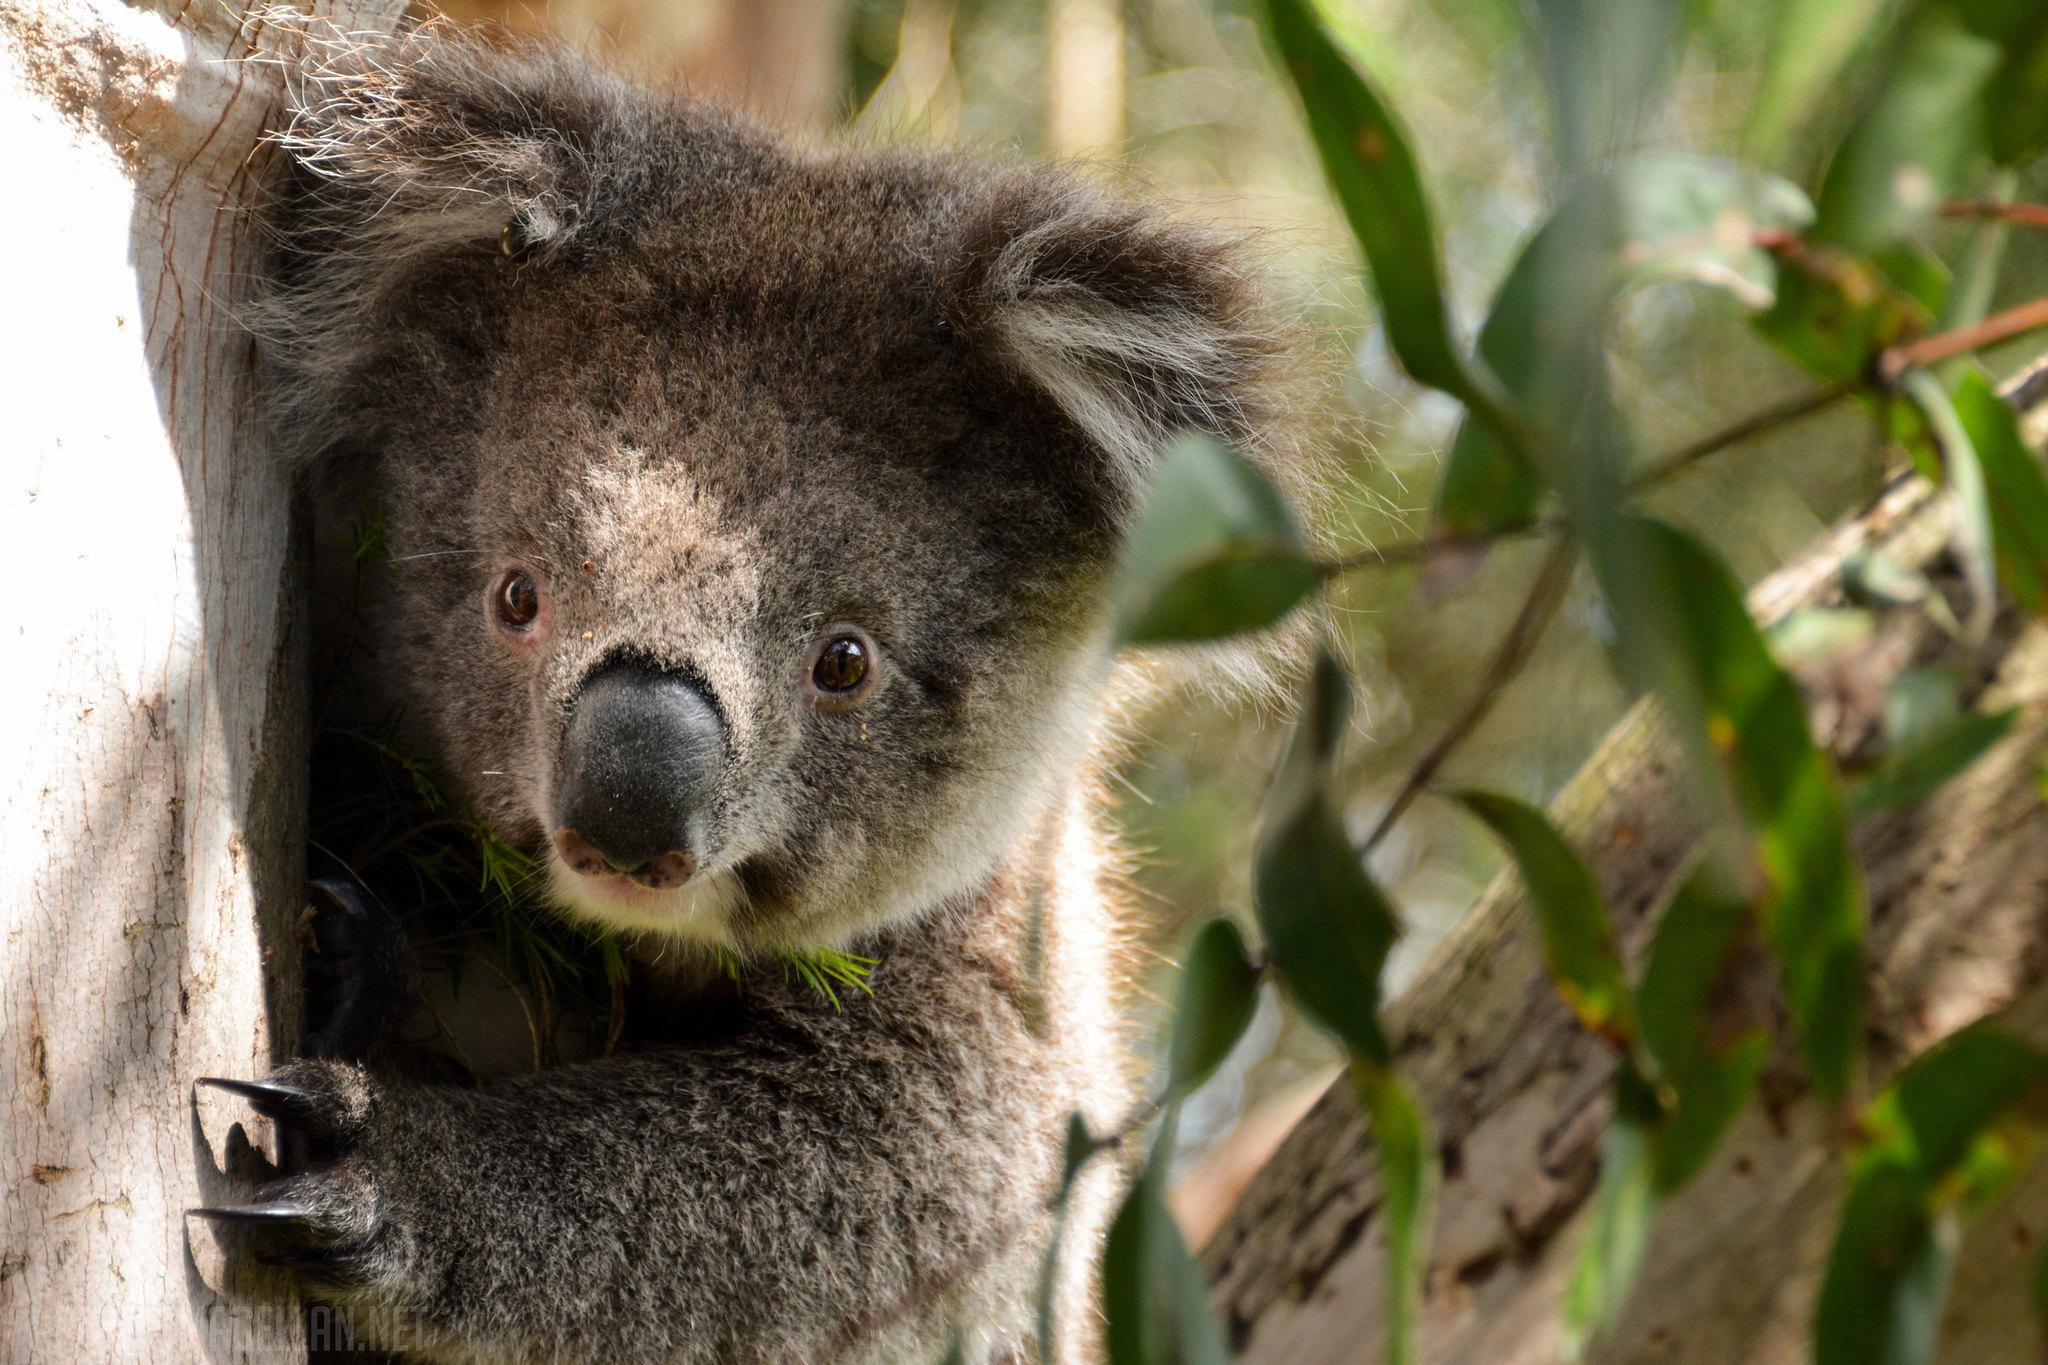 Koala, Marsupial, Melbourne, Victoria, Australia, Great Ocean Road